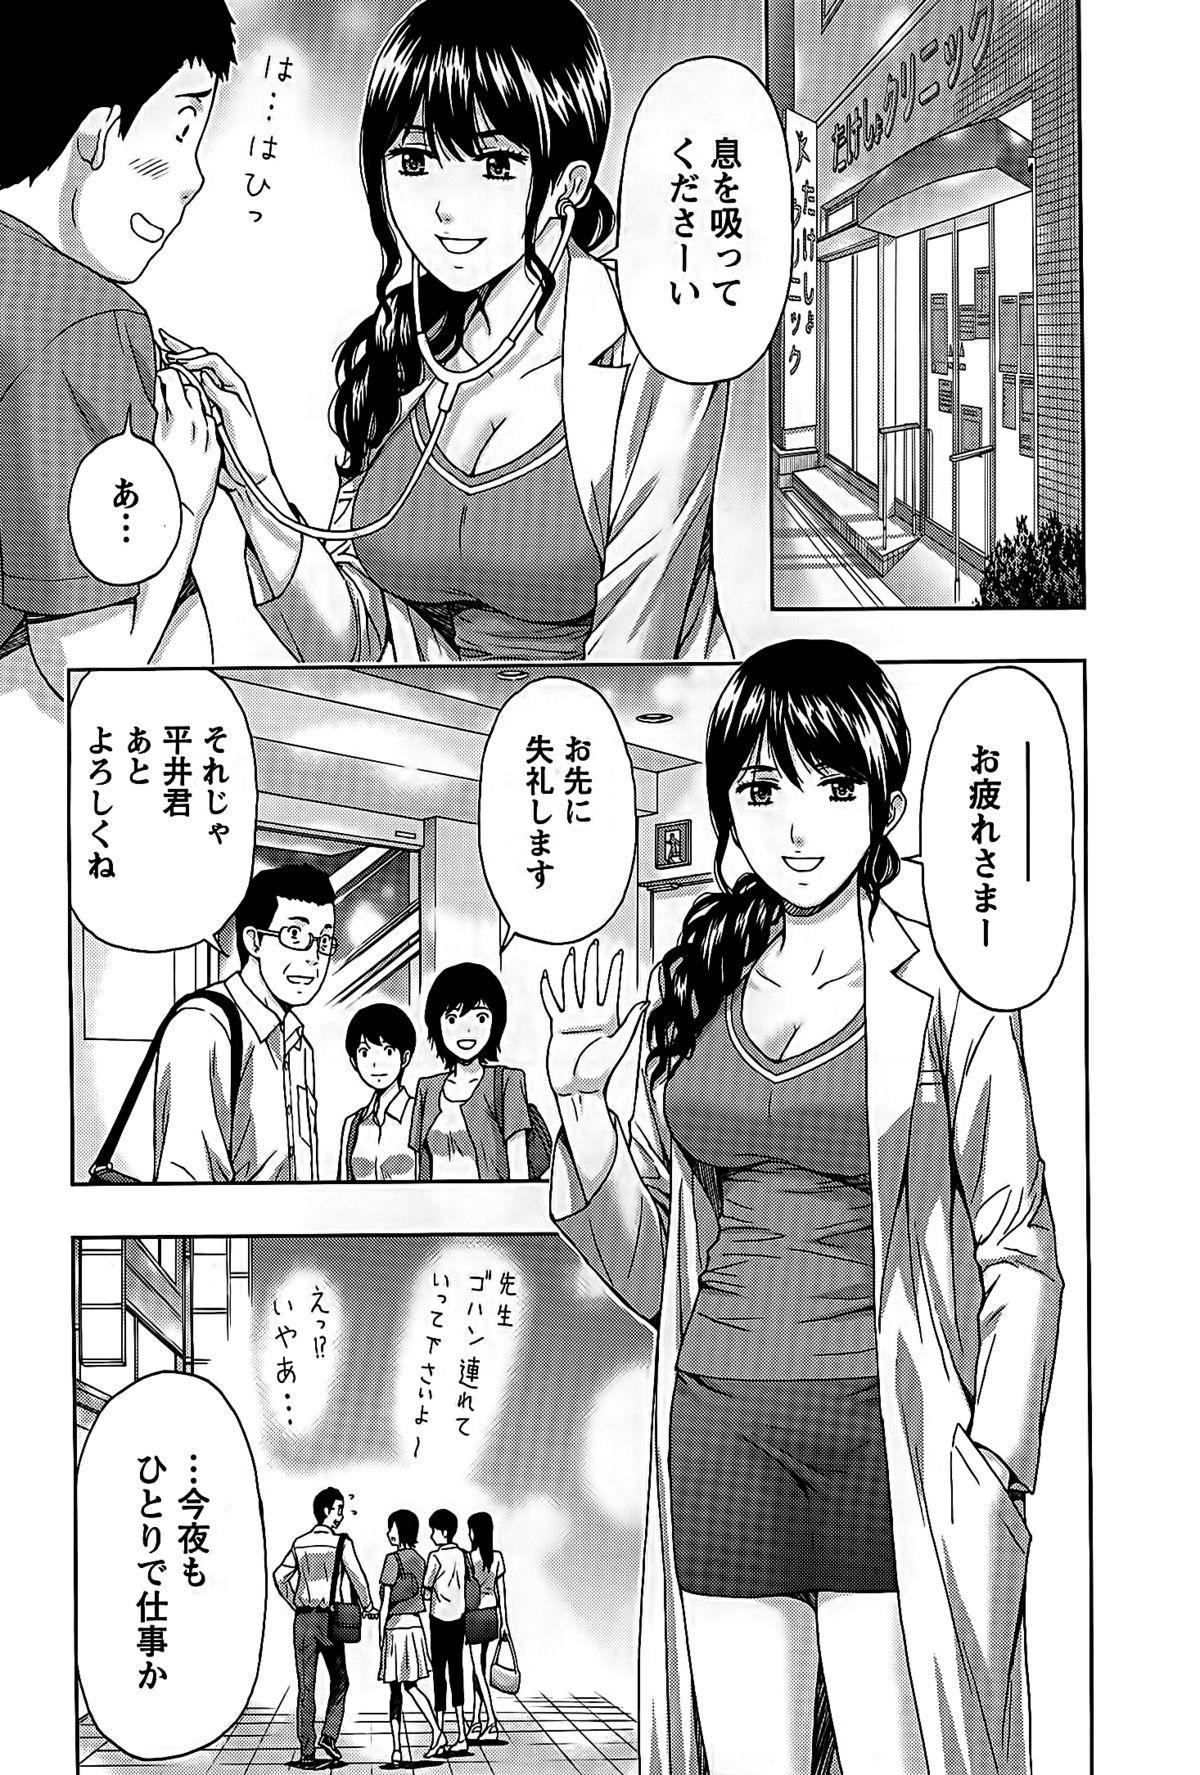 Shittori Lady to Amai Mitsu 69